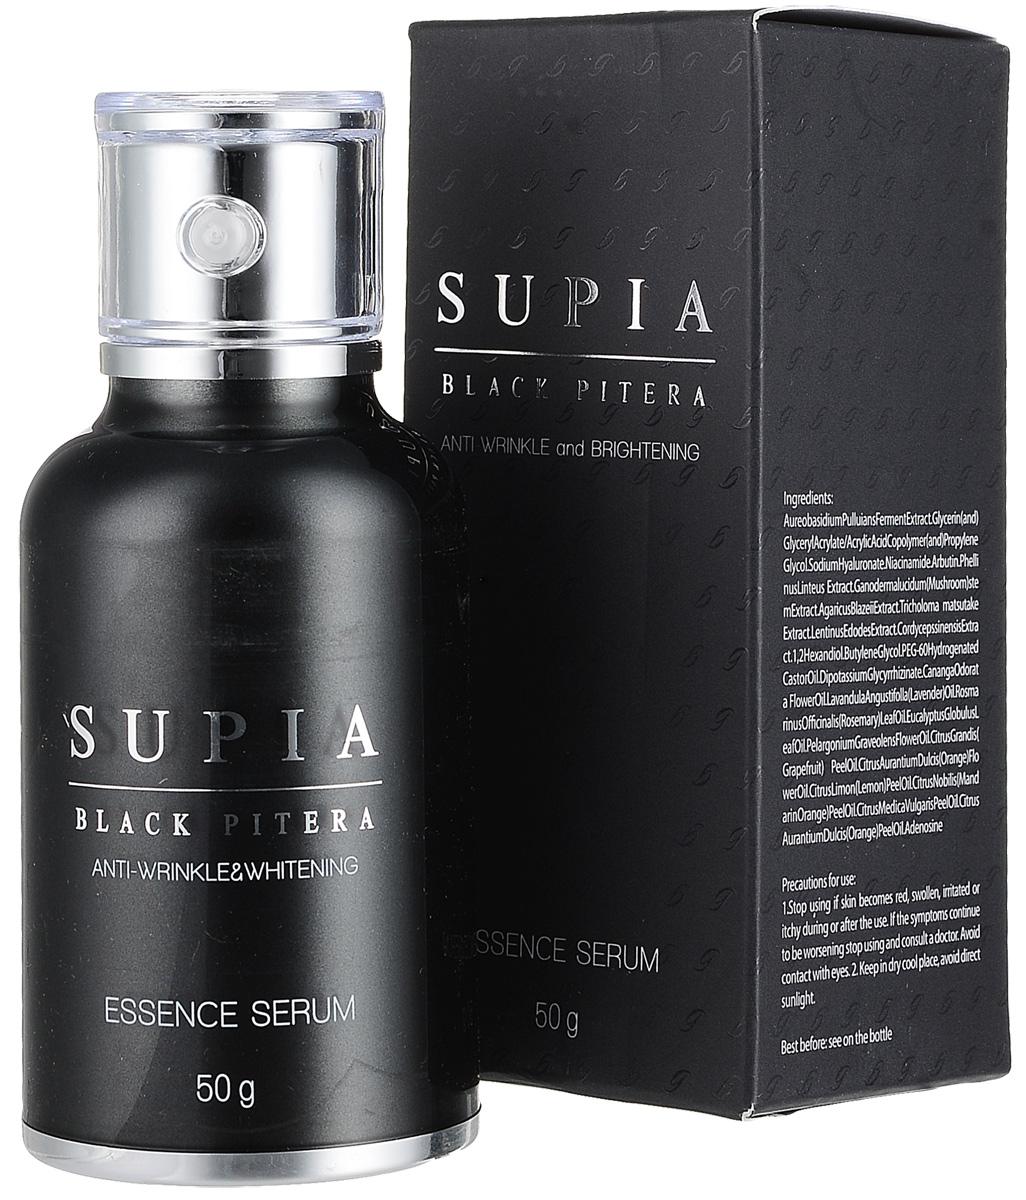 Supia Black сыворотка, 50 мл355035Сыворотка Supia Black Pitera. Доставляет глубоко в кожу увлажнение и питание. Гиалуроновая кислота с ультранизкой молекулярной массой предотвращает потерю влаги, сохраняя кожу мягкой. Действие: увлажнение, улучшение цвета кожи, повышение упругости, укрепление